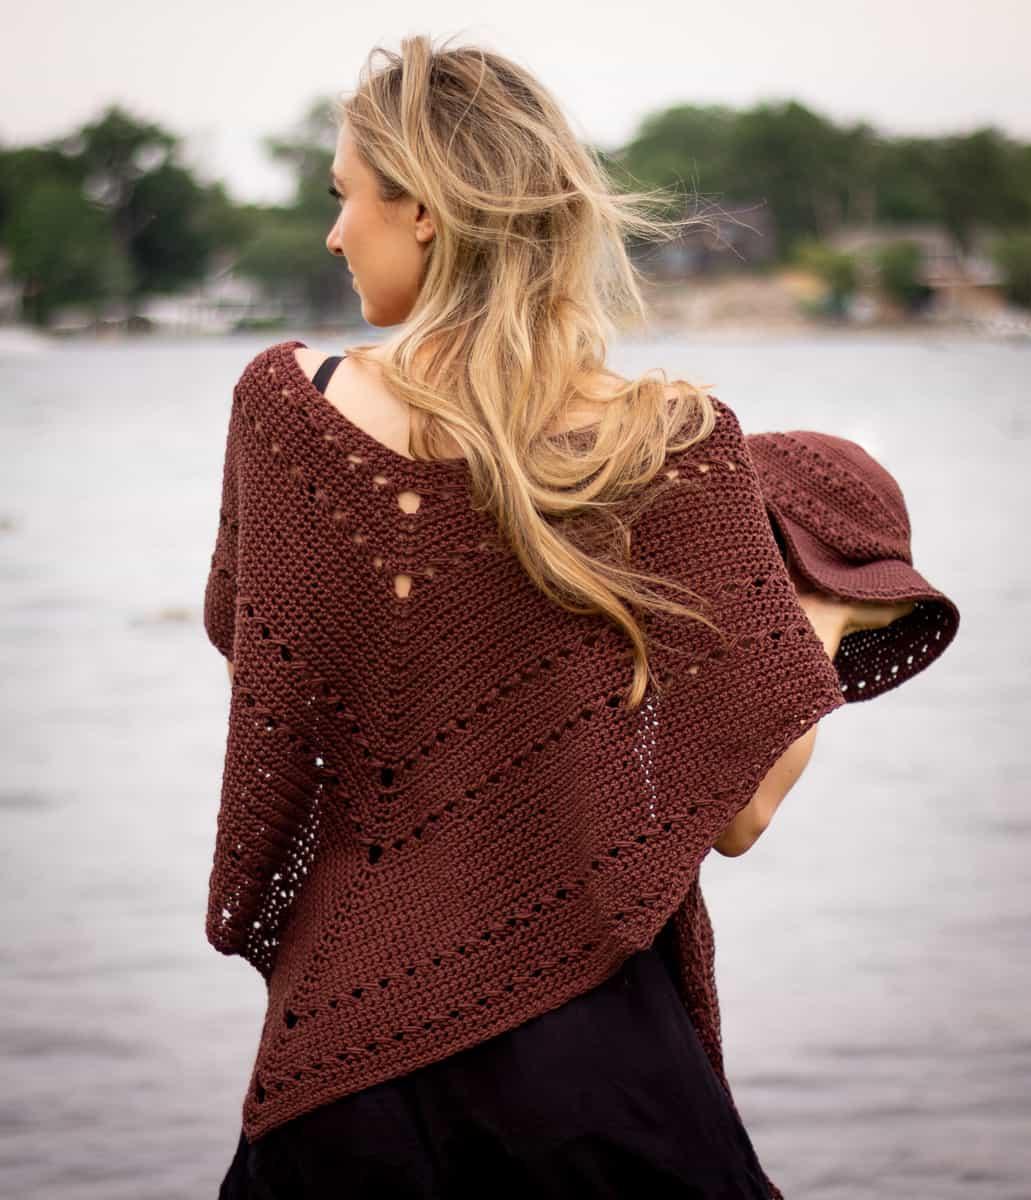 Seaside-Schal wird von hinten über den Schultern getragen, um die einfachen Ösendetails zu zeigen